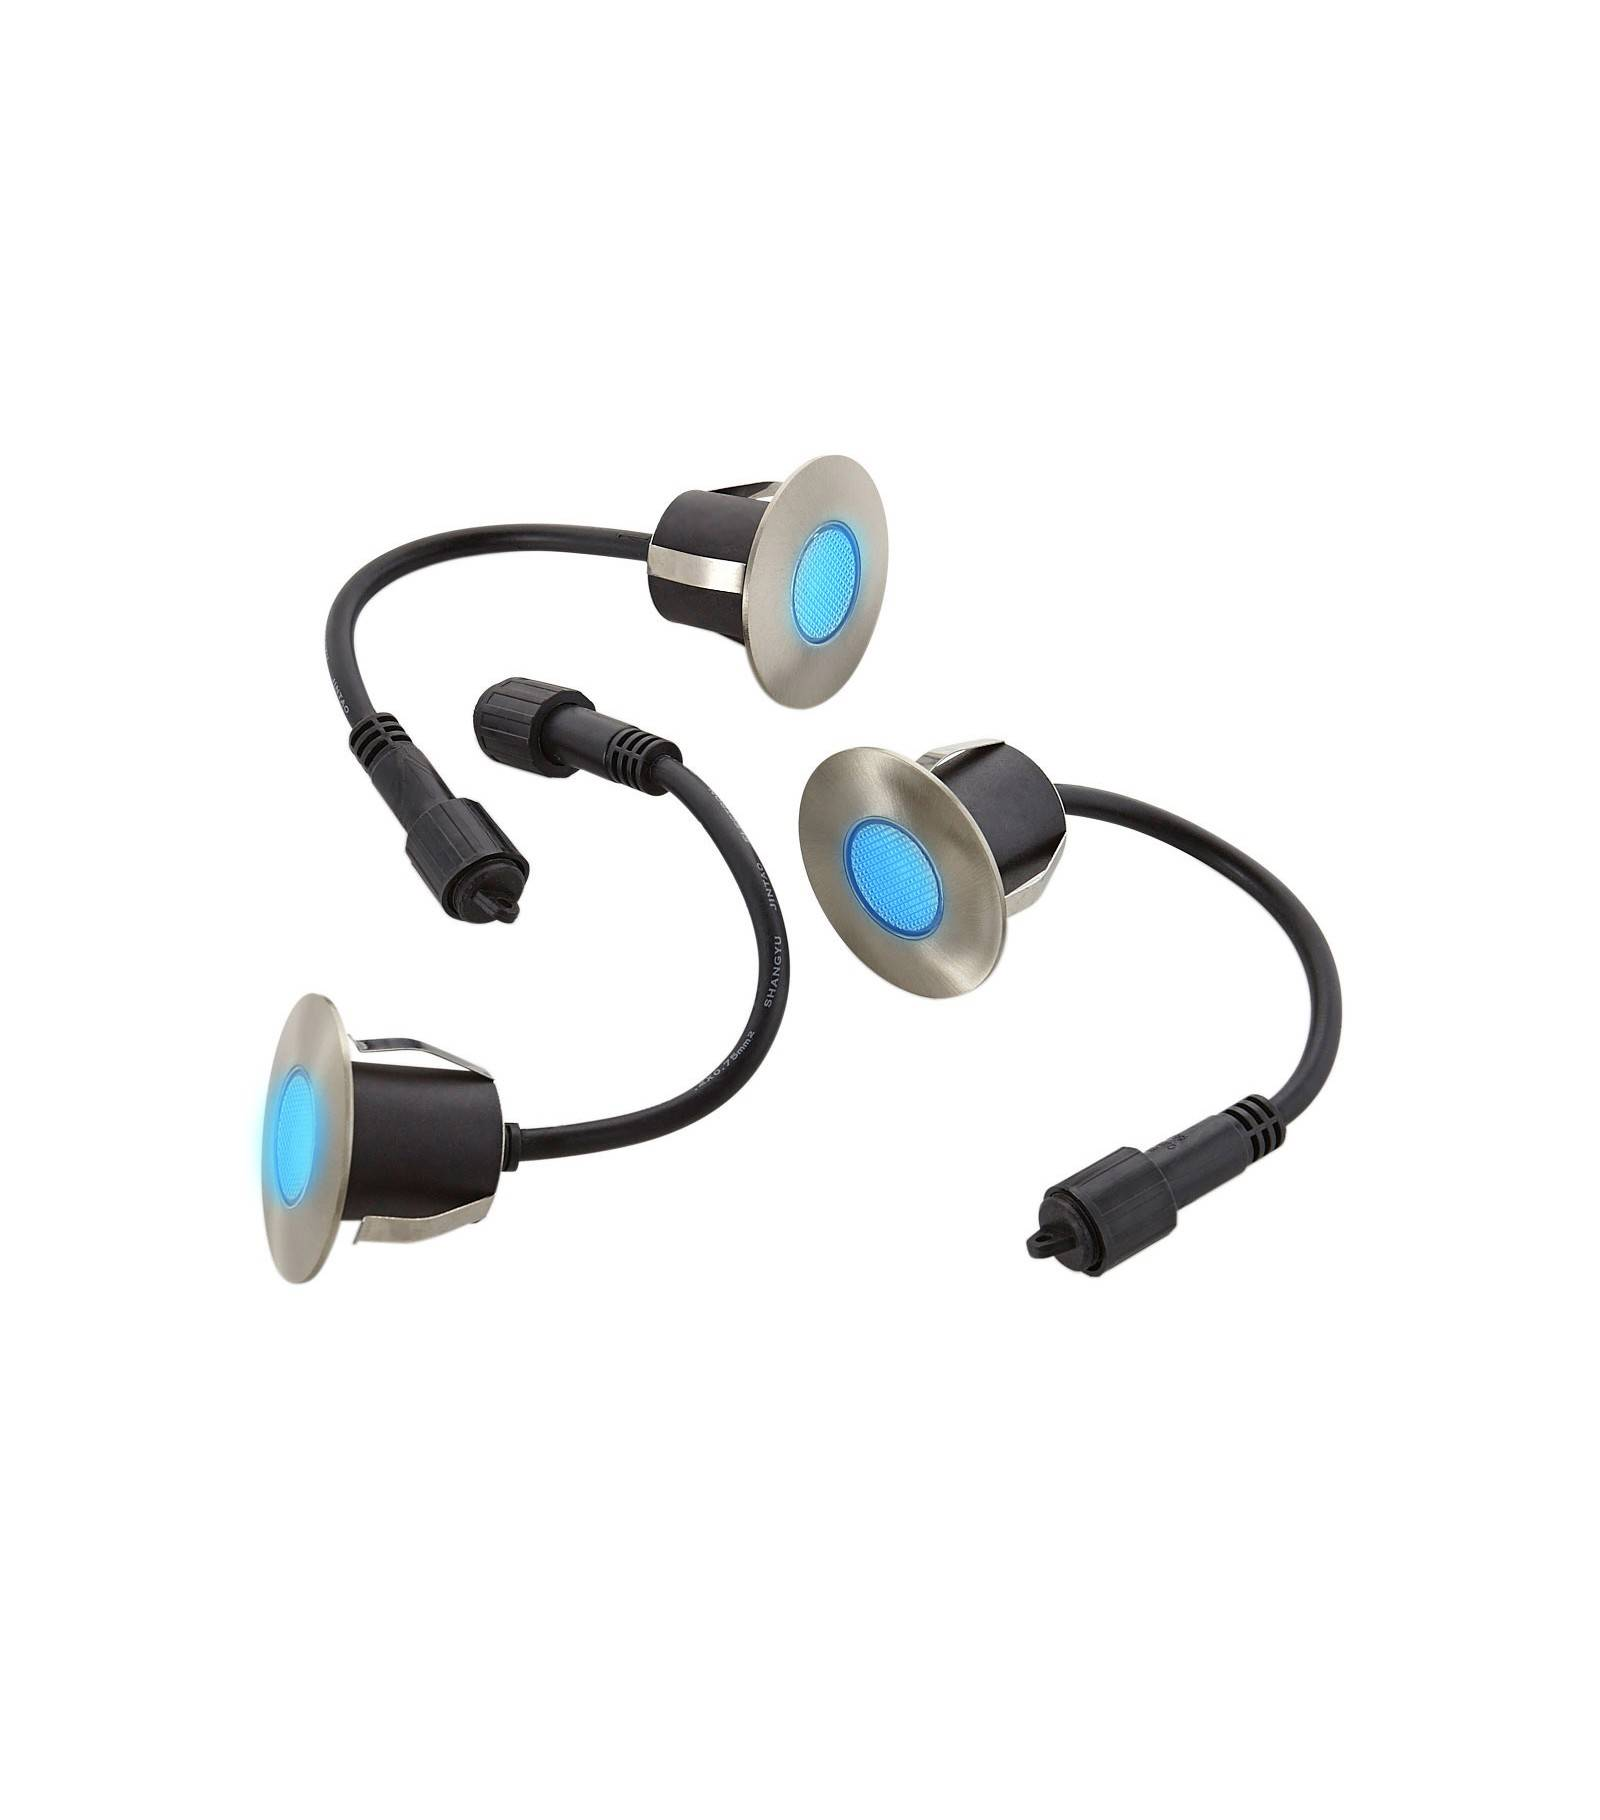 Easy Connect Lot 3 Mini Spot encastrable rond 6cm Inox Mini DECK Light 1.2W par spotW LED integrés IP67 Bleu extérieur EASY CONNECT - 654